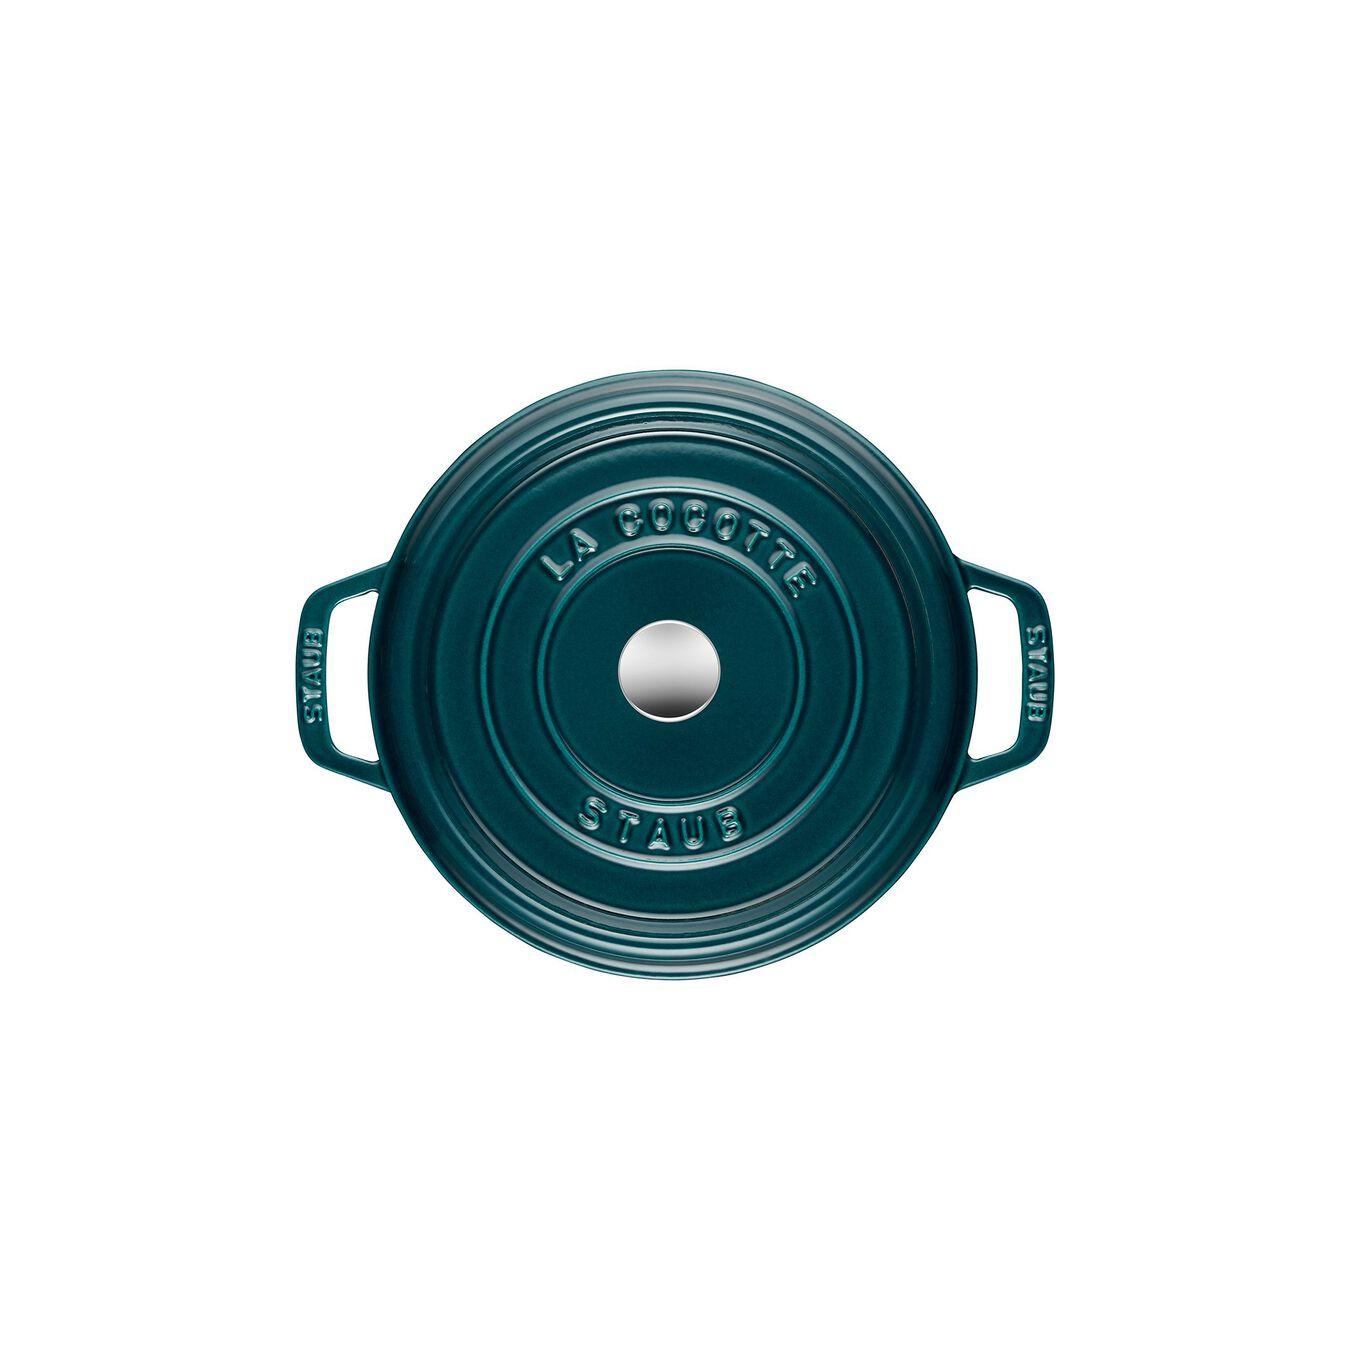 Cocotte en fonte 24 cm / 3,8 l, Rond, Blue La-Mer,,large 9